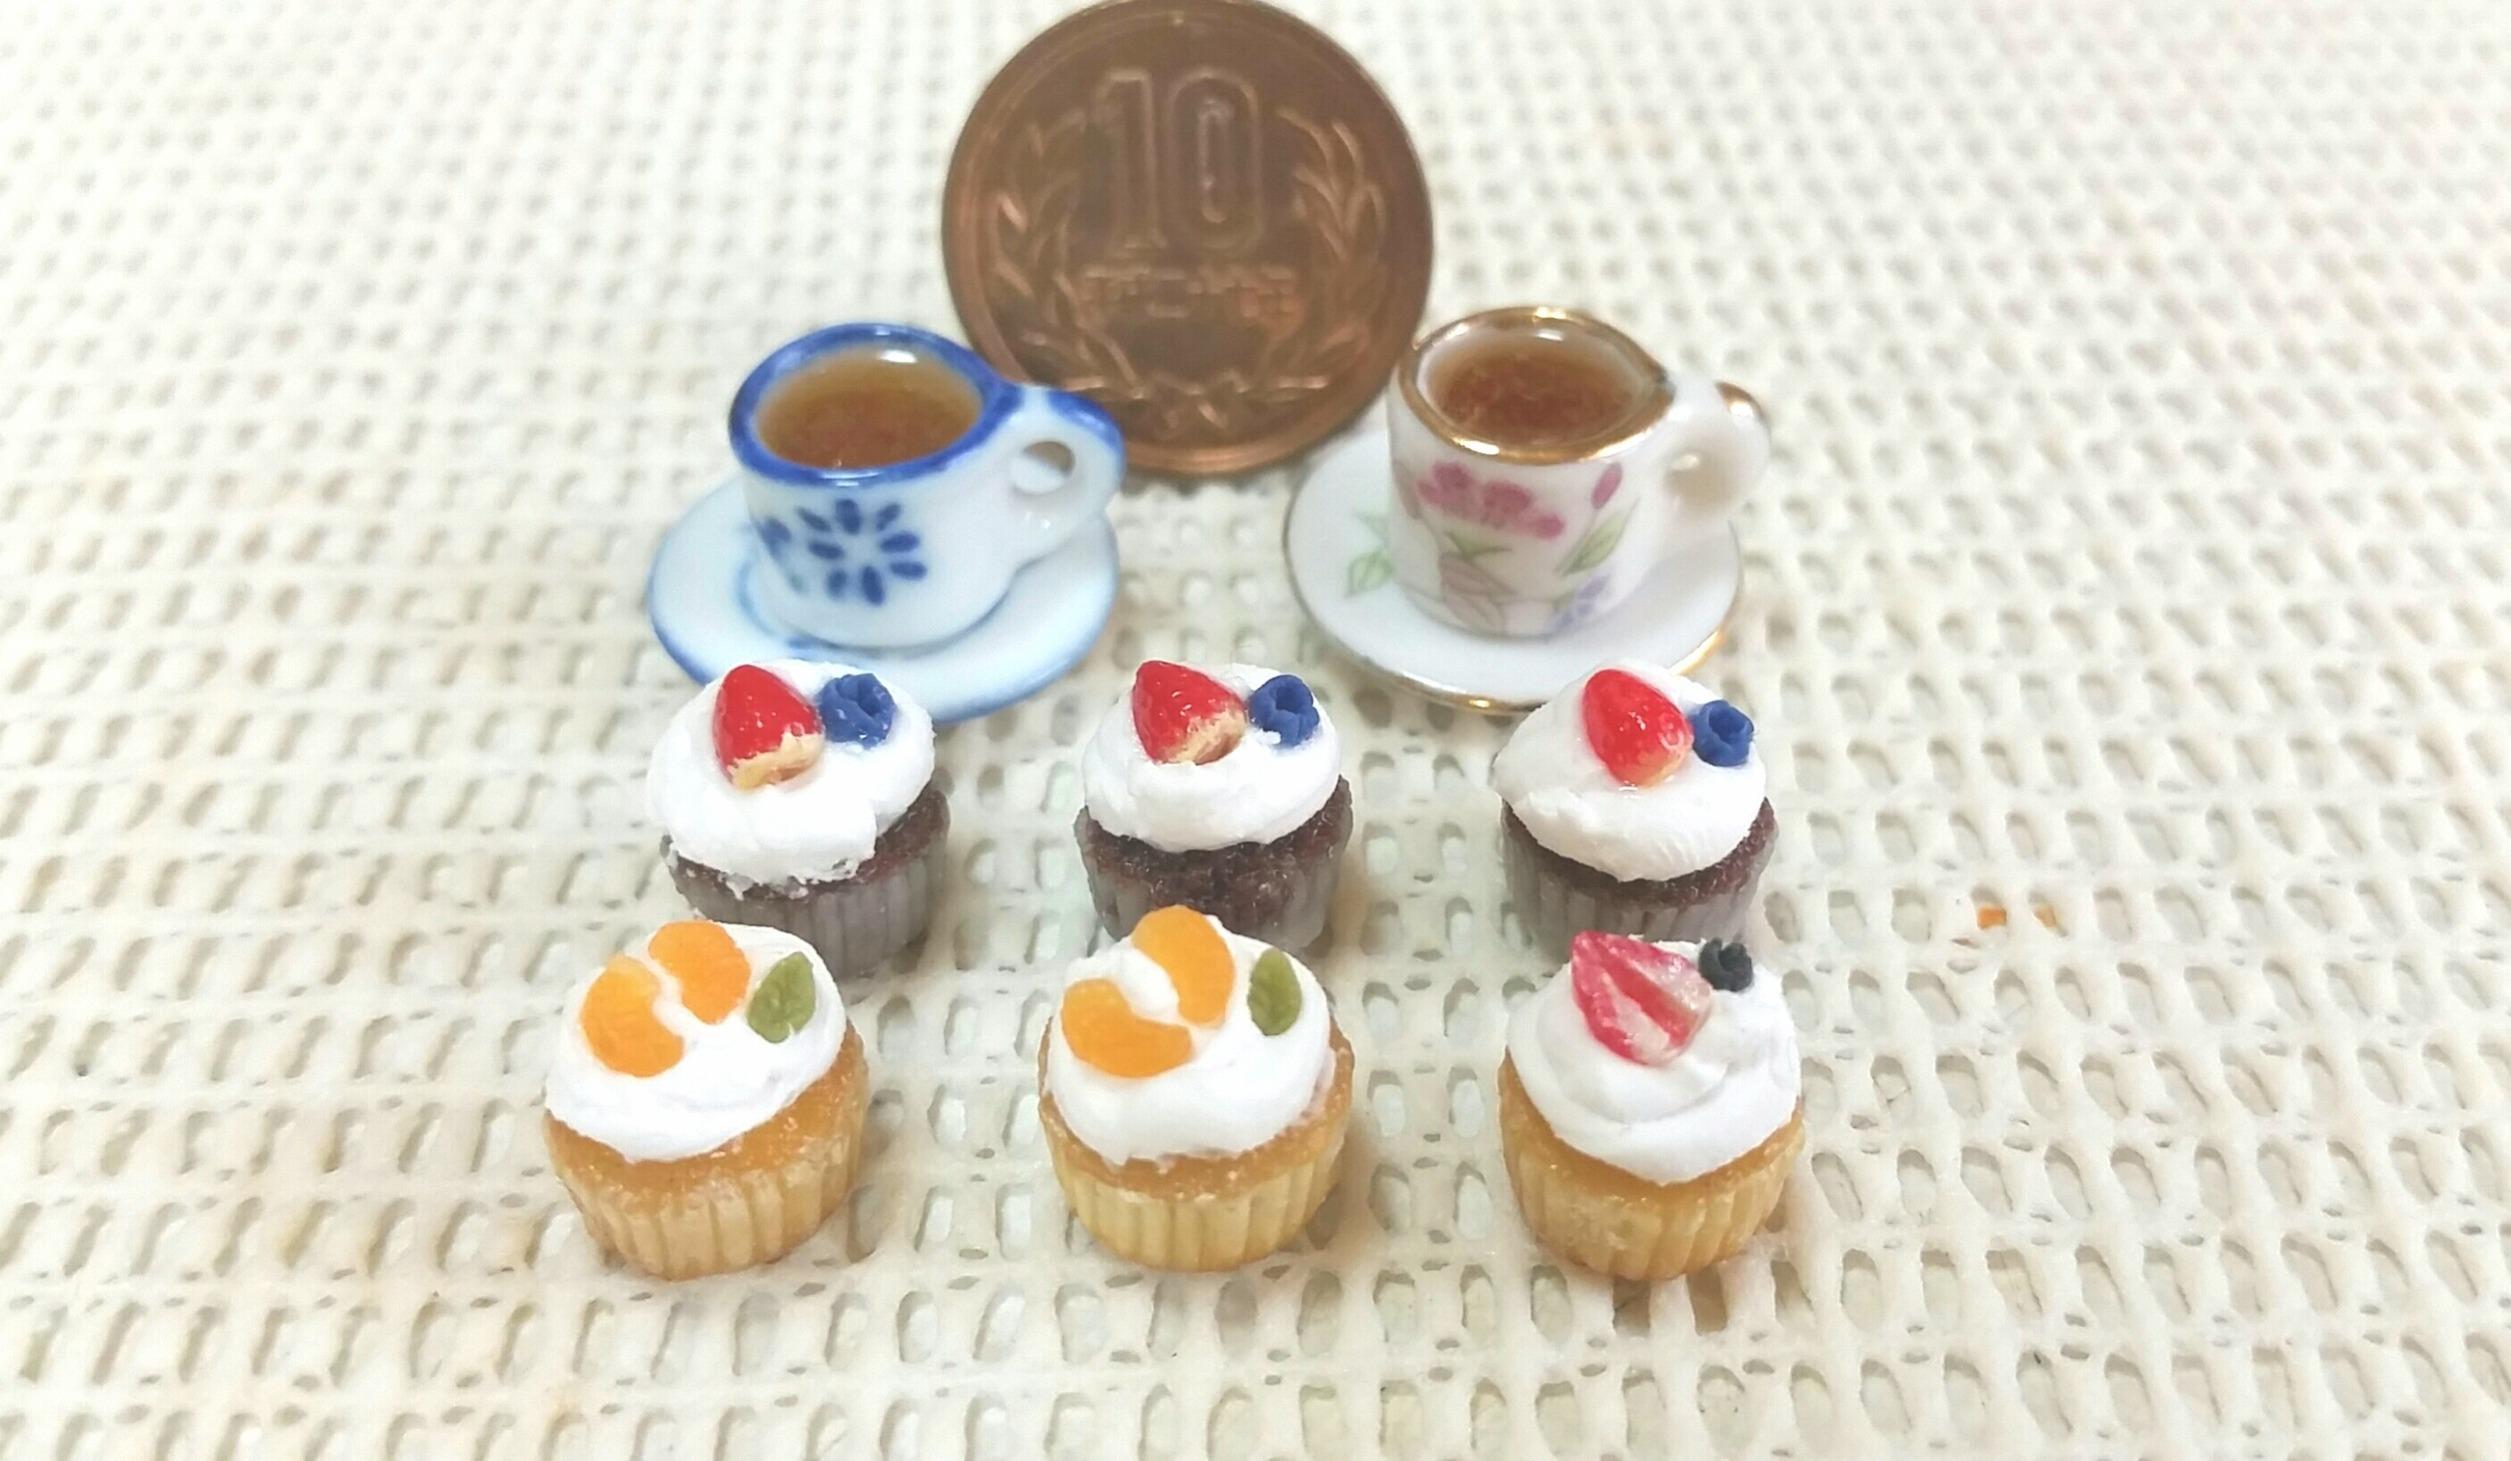 かわいい小さな小さい,おしゃれなカップケーキ,ドール用小物ブログ